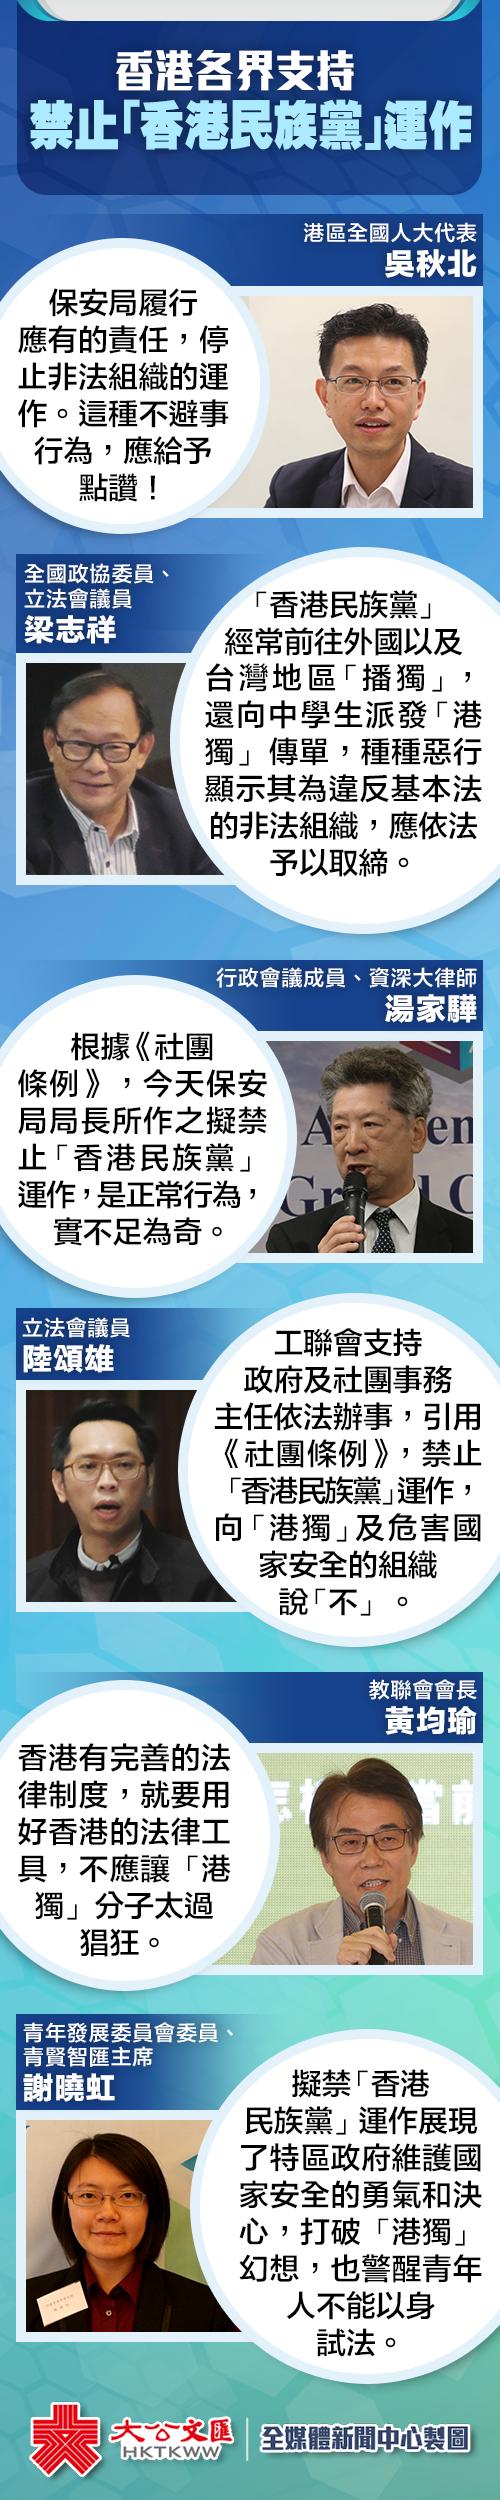 香港各界支持禁止「香港民族黨」運作